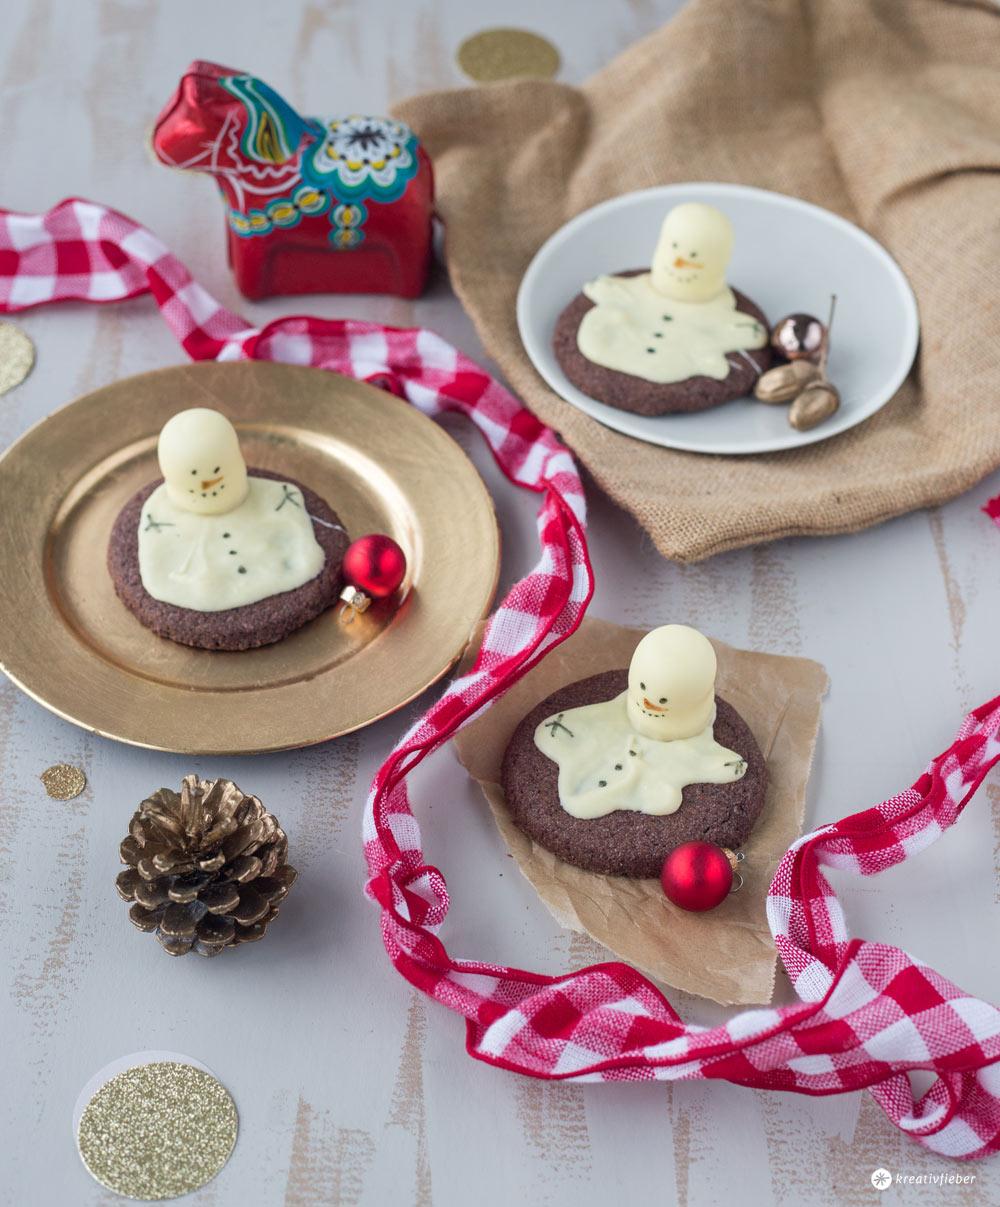 diy schneemannkekse mit schokoküssen - melting snowman cookies